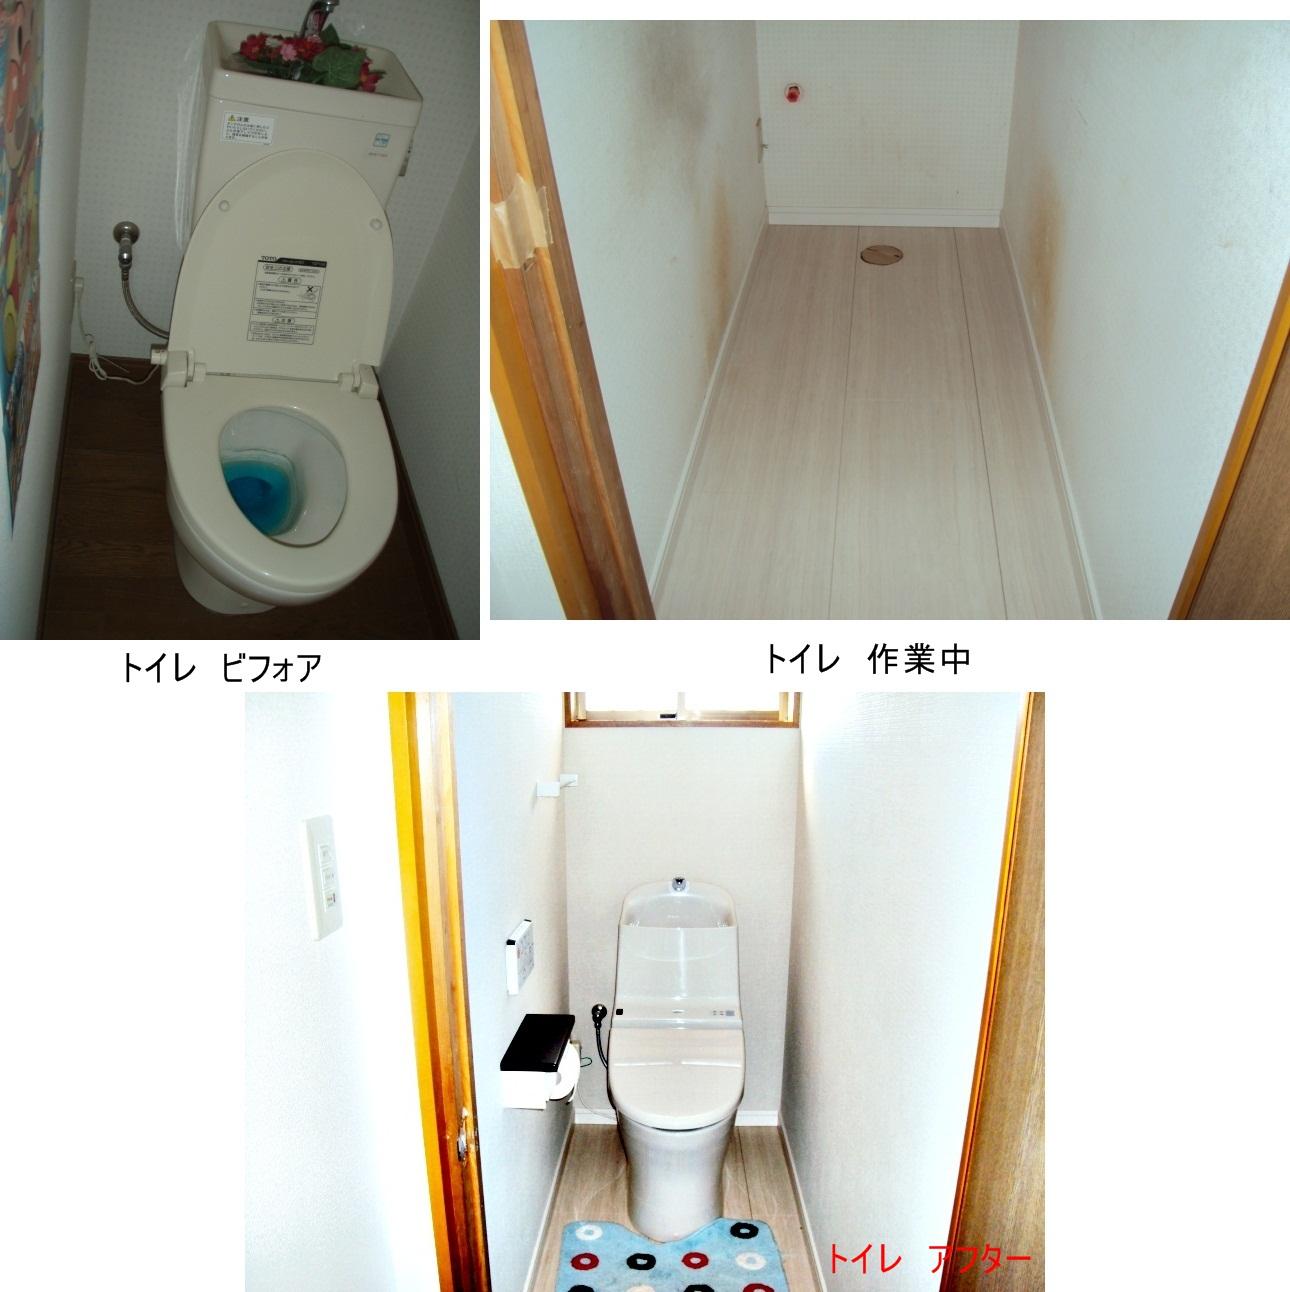 白を基調とした、とても衛生的なトイレになりました。